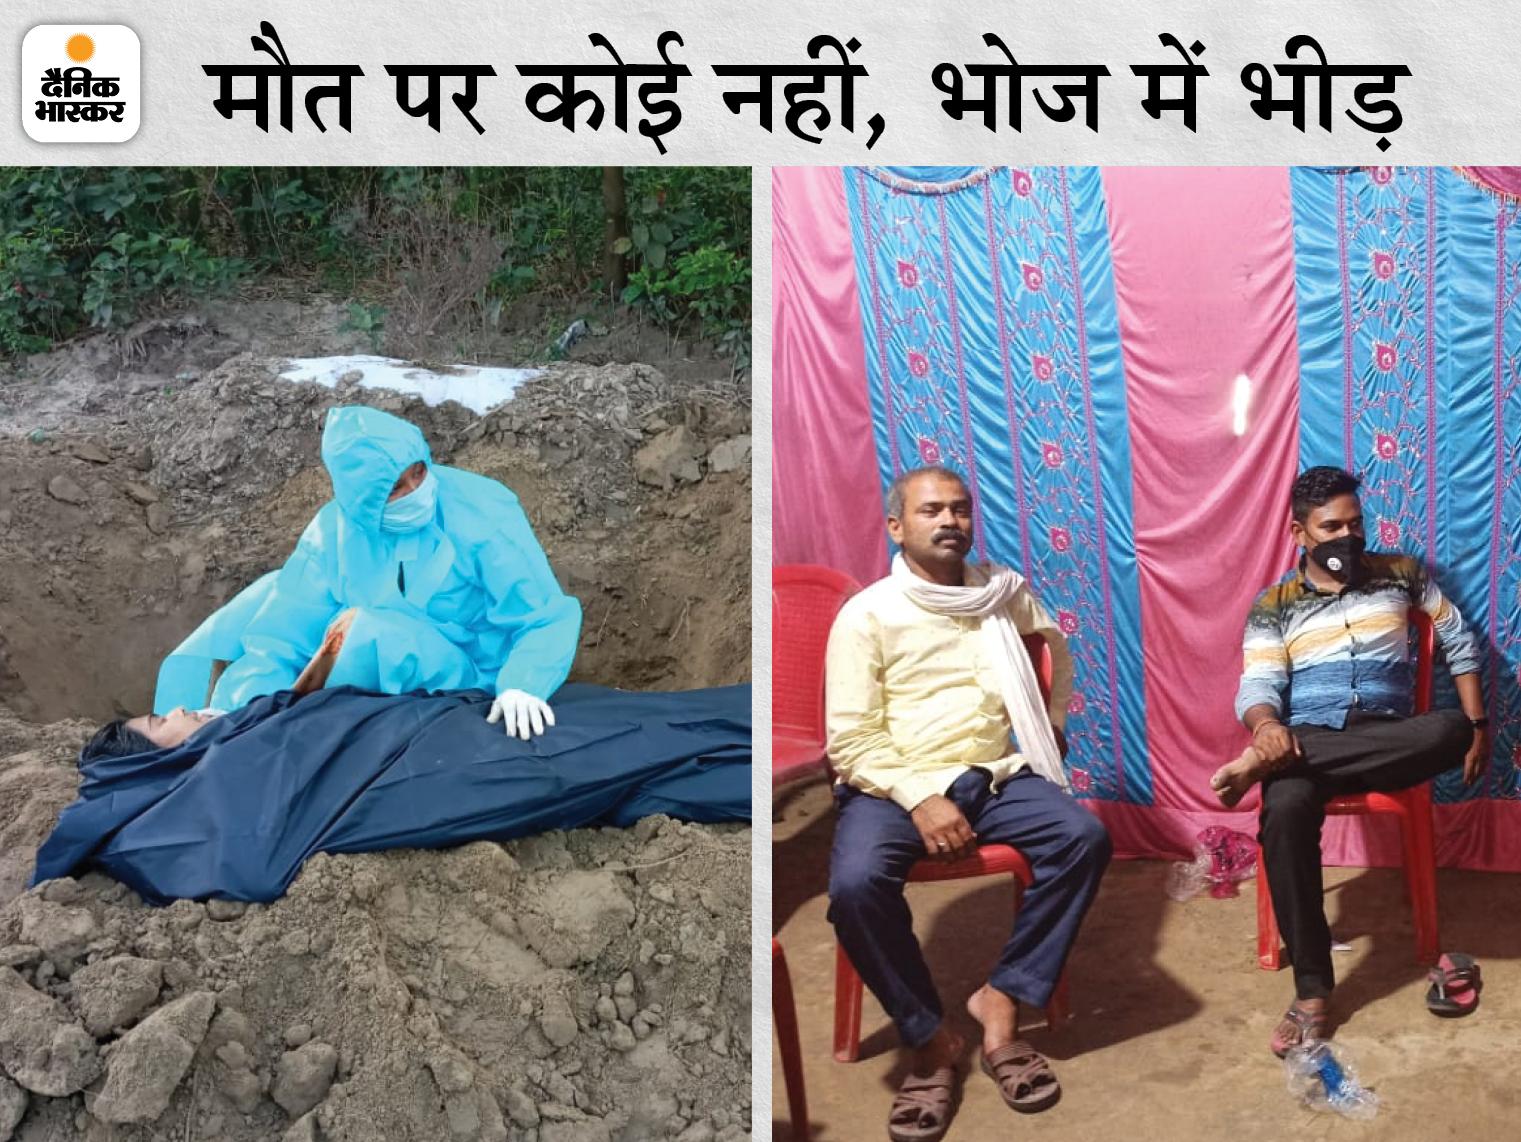 अररिया में जिस महिला की लाश को बेटी ने अकेले दफनाया, उसी के श्राद्ध भोज में पहुंच गए 150 लोग|बिहार,Bihar - Dainik Bhaskar